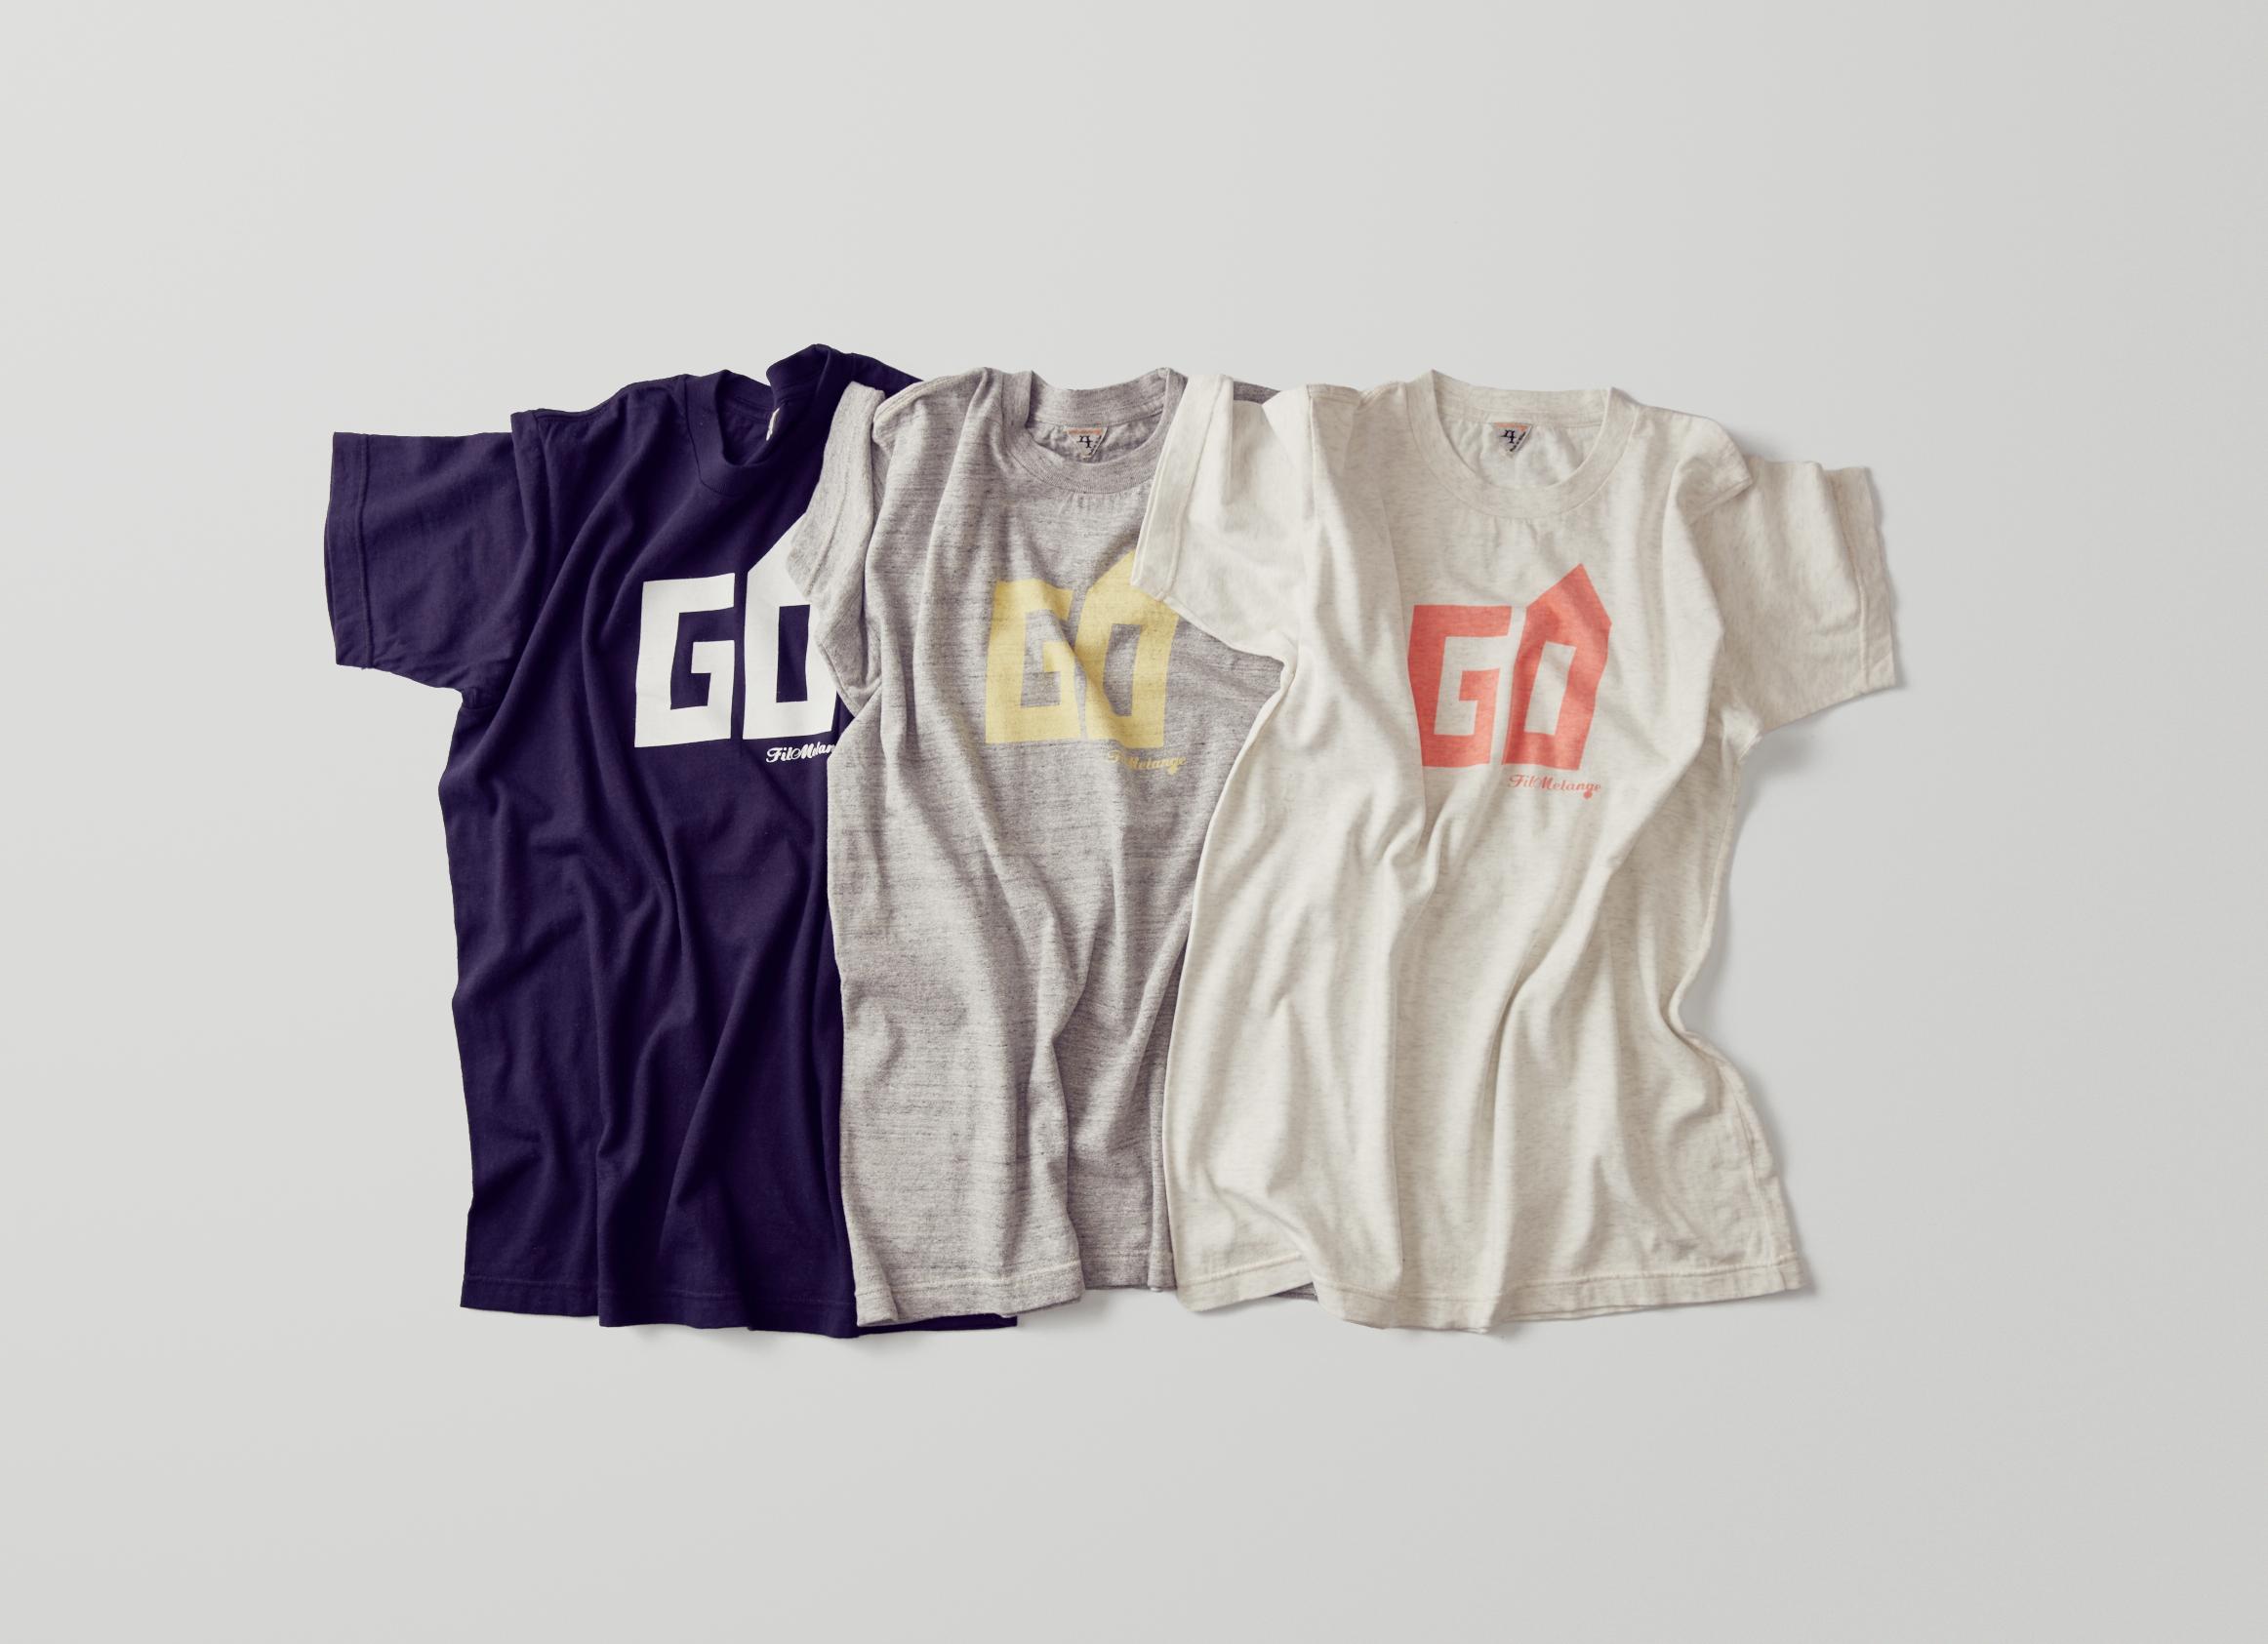 201606_tshirt-brand_000